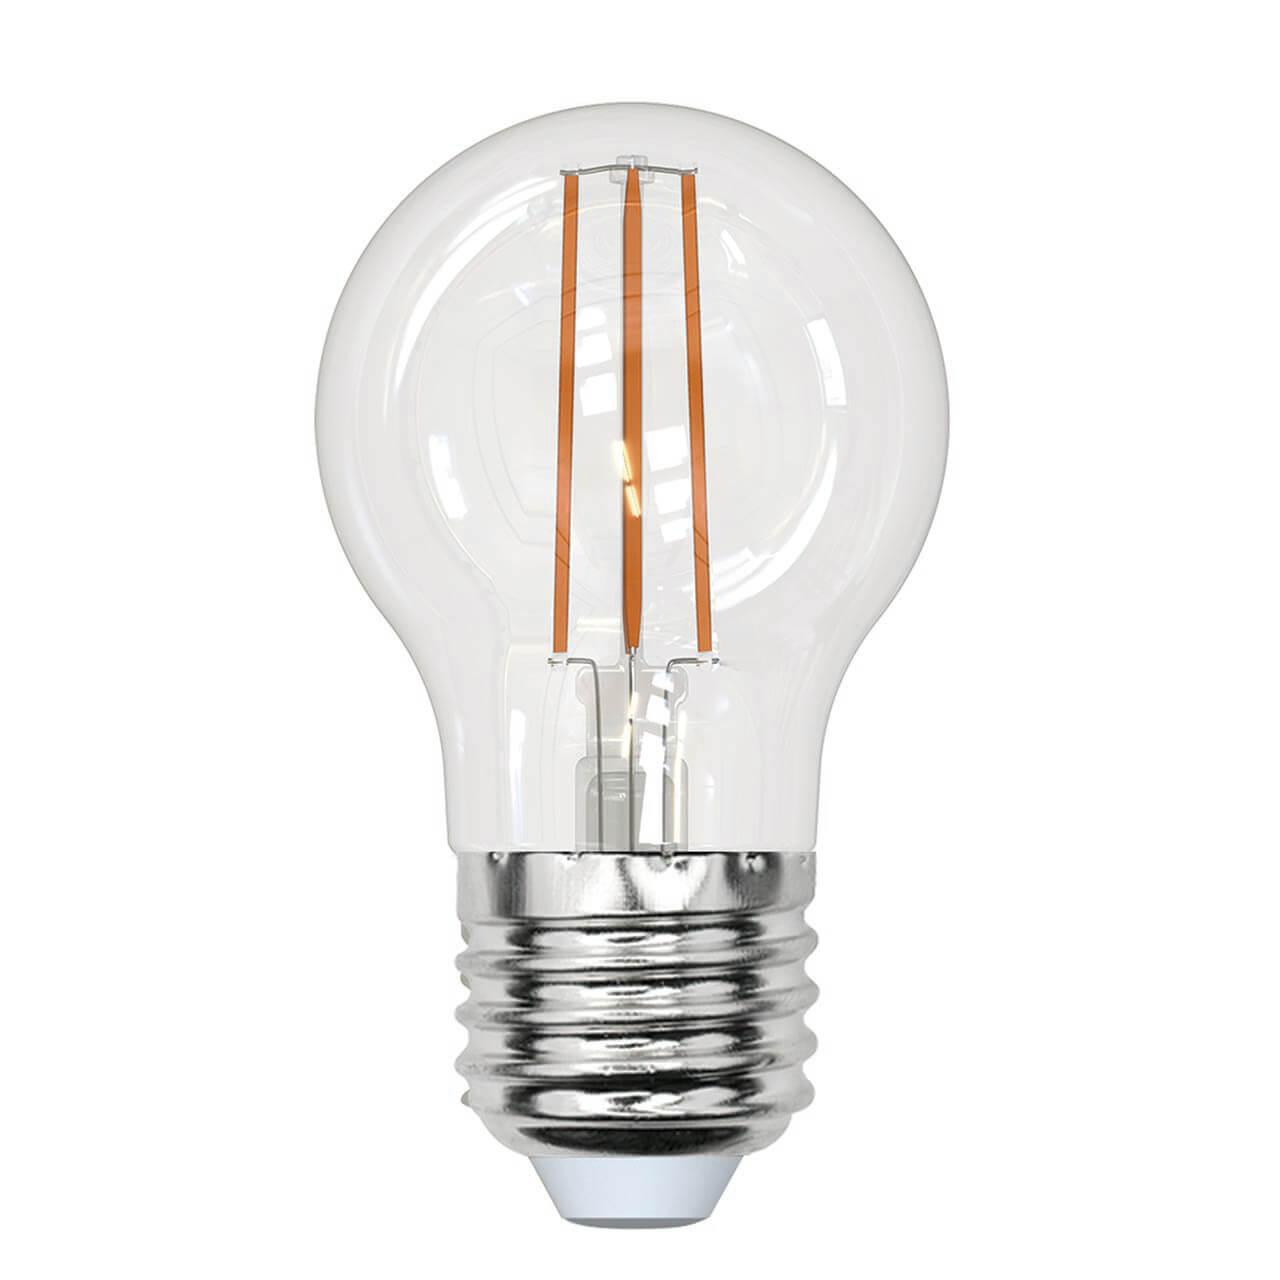 Лампочка Uniel LED-G45-13W/4000K/E27/CL PLS02WH Sky лампочка uniel led g45 9w 3000k e27 cl pls02wh led g45